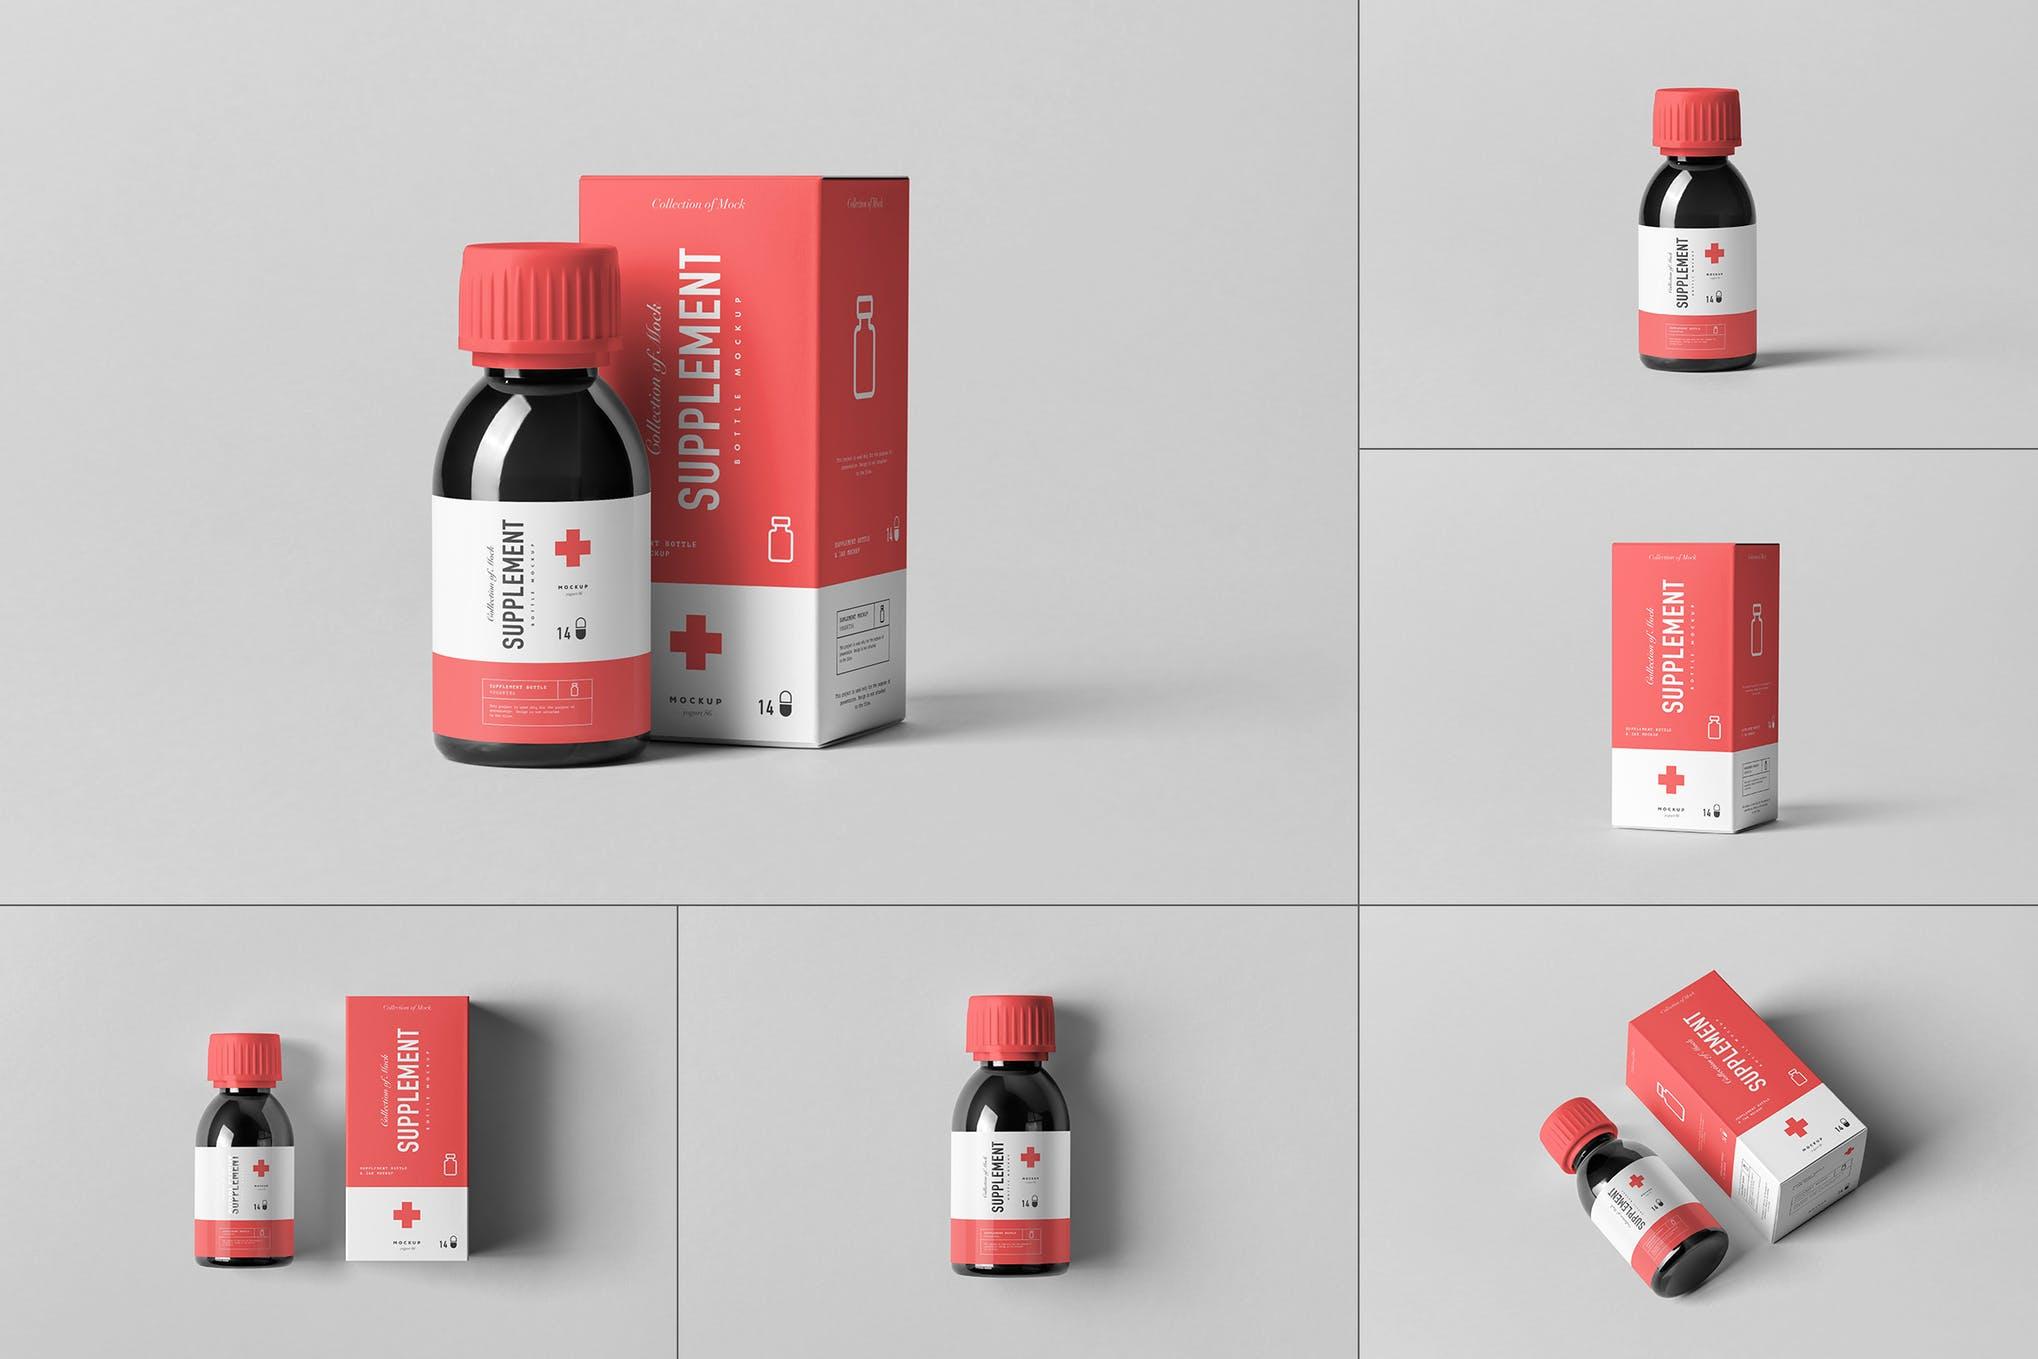 营养药瓶和包装盒样机效果图插图(1)